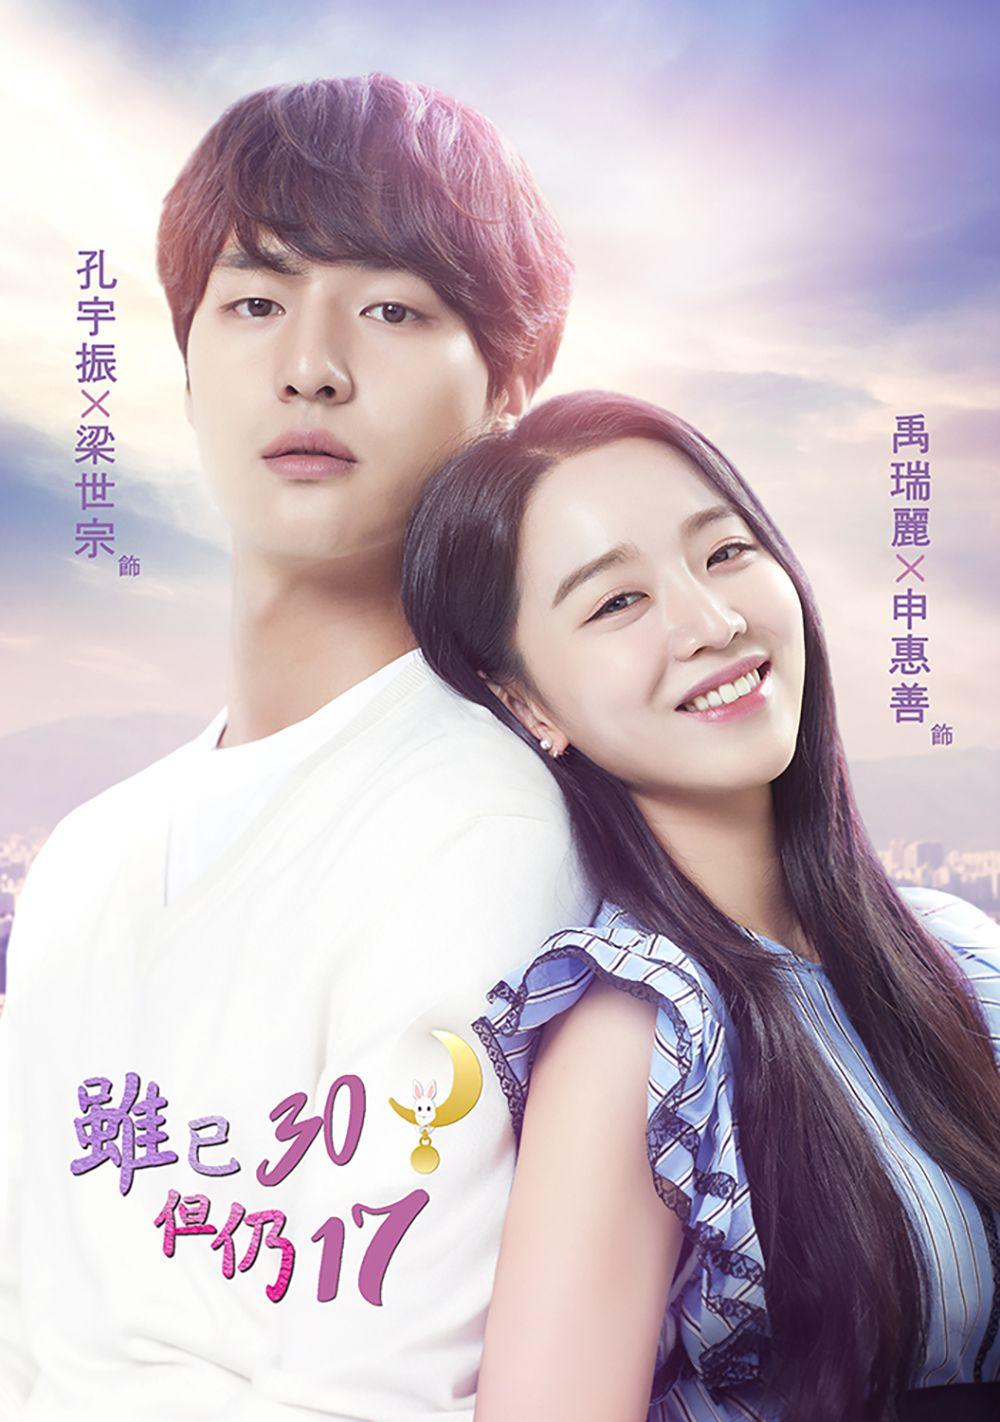 Pin De Line Tv En 跟播劇 Ver Drama Coreano Doramas Coreanos Romanticos Drama Japonés